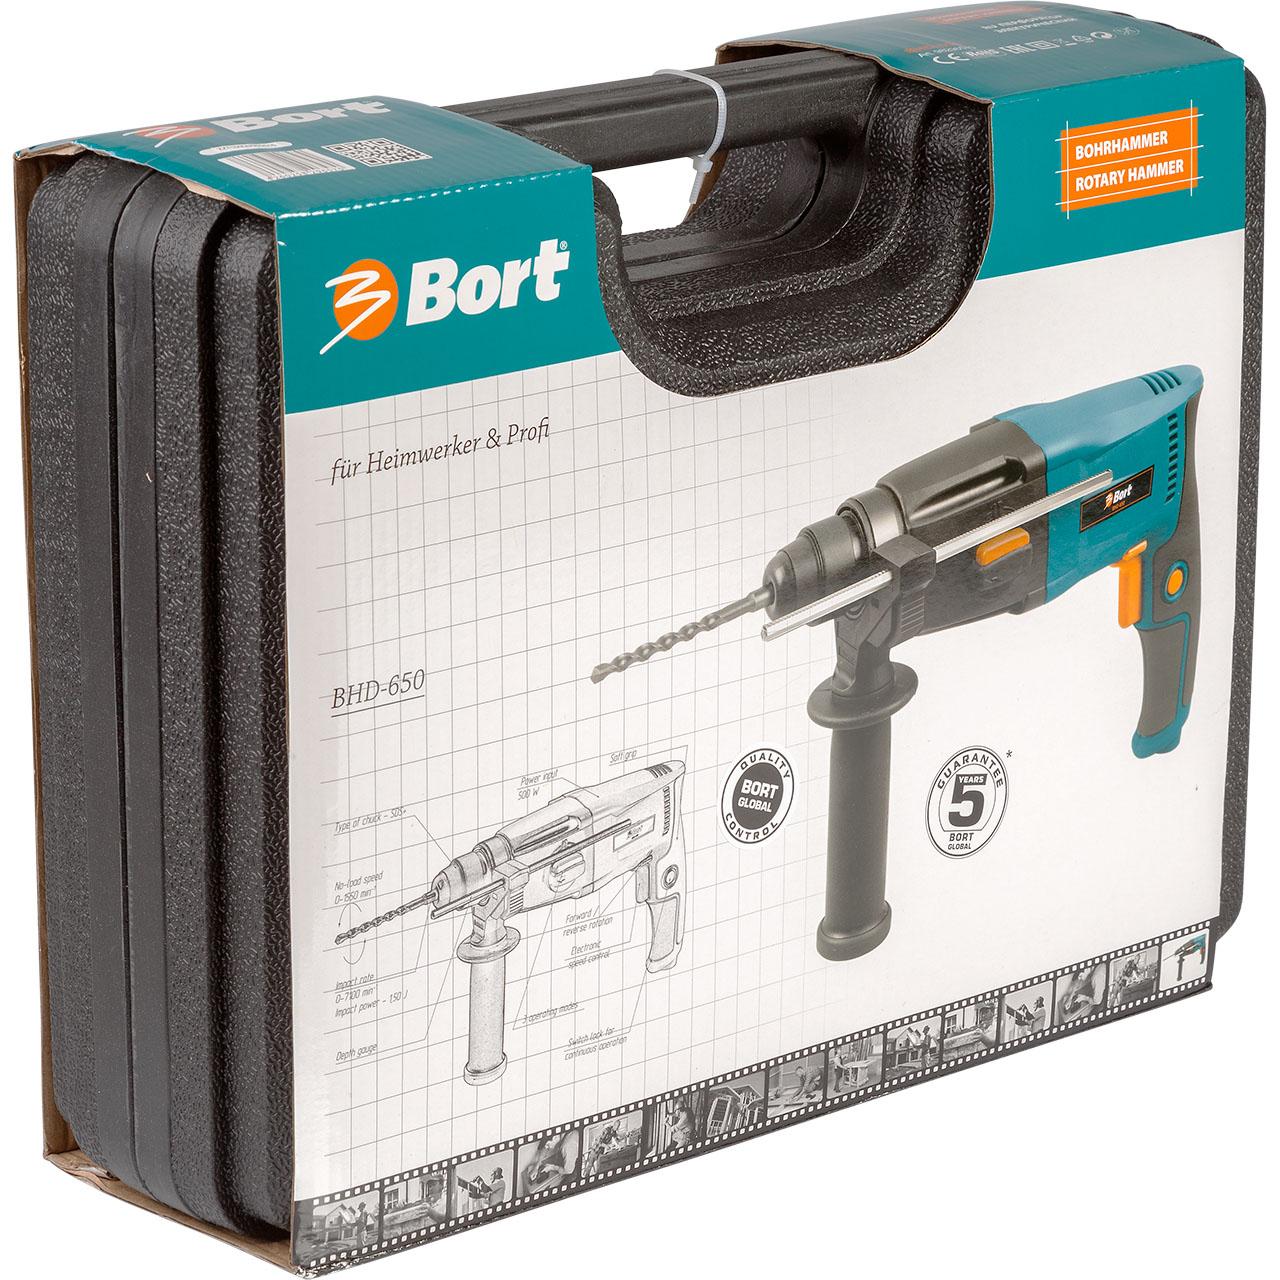 Перфоратор электрический Bort BHD-65098296570Перфоратор BORT BHD-650 - компактный инструмент для легких работ по камню, бетону. Вес этого перфоратора составляет всего 2,4кг. Это гораздо ниже, чем у многих его одноклассников. Благодаря малому весу этим перфоратором можно легко работать продолжительное время в сложных местах, например, потолочные и подобные работы. Высокая надежность перфоратора BORT BHD-650 обеспечивается мотором, обмотки которого пропитаны специальным компаундом. Инструмент поставляется в прочном кейсе, кроме того в комплекте идут 3 бура и сверлильный патрон с адаптером. Для дополнительного удобства предусмотрена фиксация долота в произвольном положении. Наличие 3-х режимов работ и реверса - редкость для таких легких перфораторов, которым является BHD-650. Предусмотрены сверление, сверление с ударом и легкие долбежные работы. Это настоящий лидер в классе легких перфораторов.